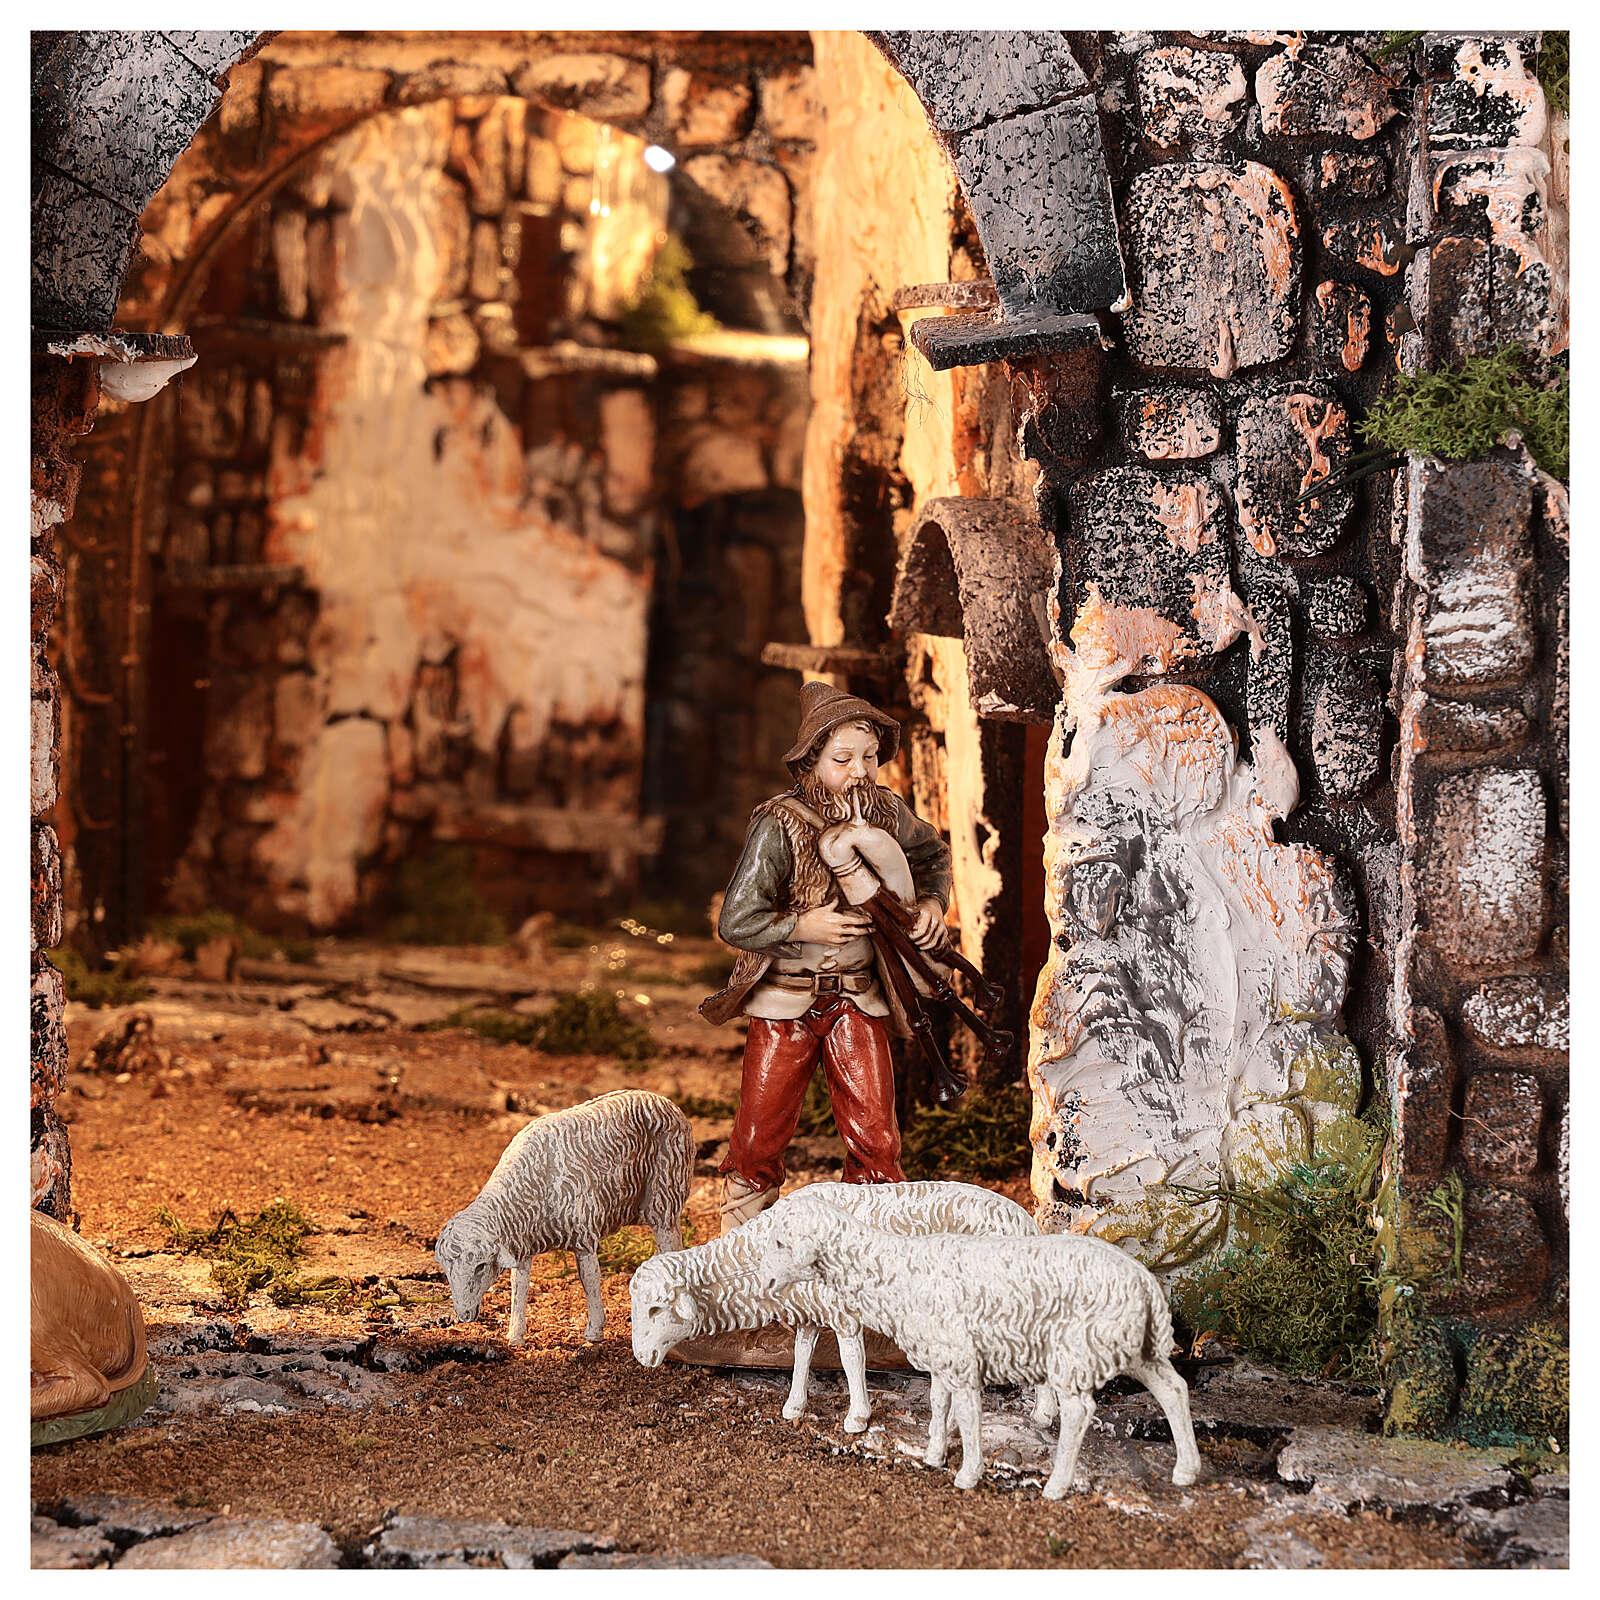 Aldeia medieval com espelho e figuras altura média 12 cm; medidas: 56x77x48 cm 4